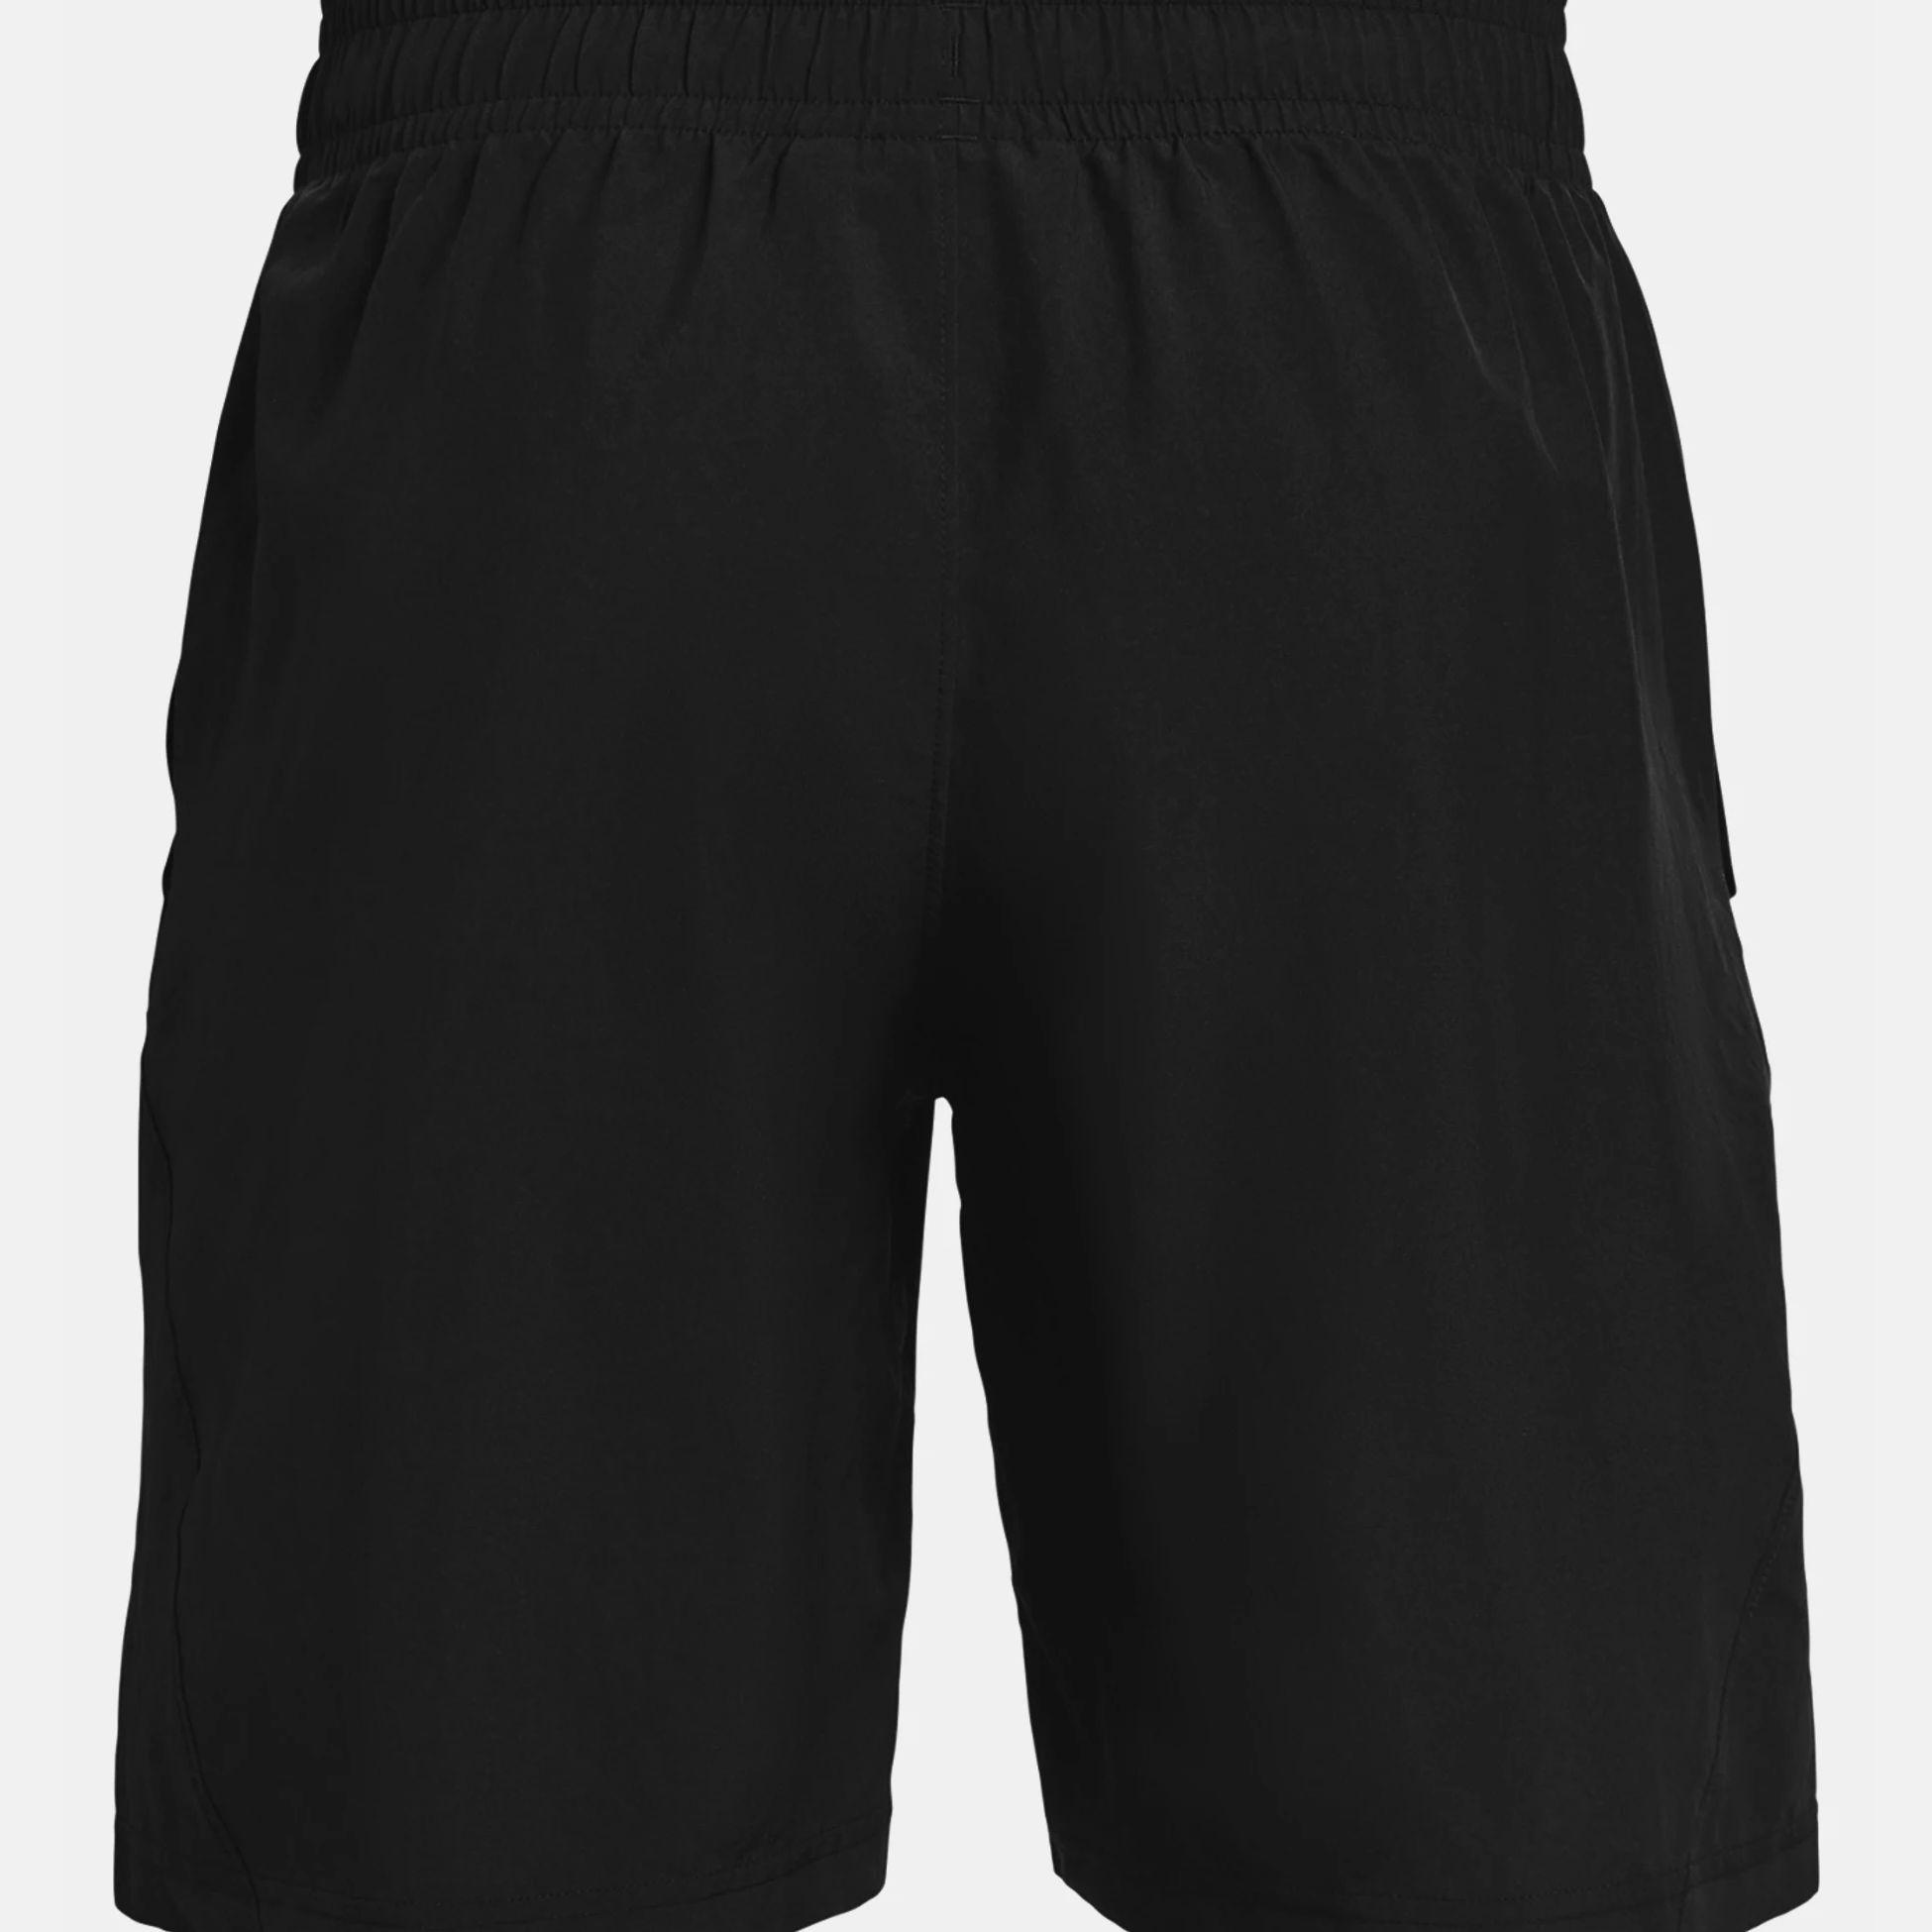 Îmbrăcăminte -  under armour UA Woven Graphic Wordmark Shorts 1433